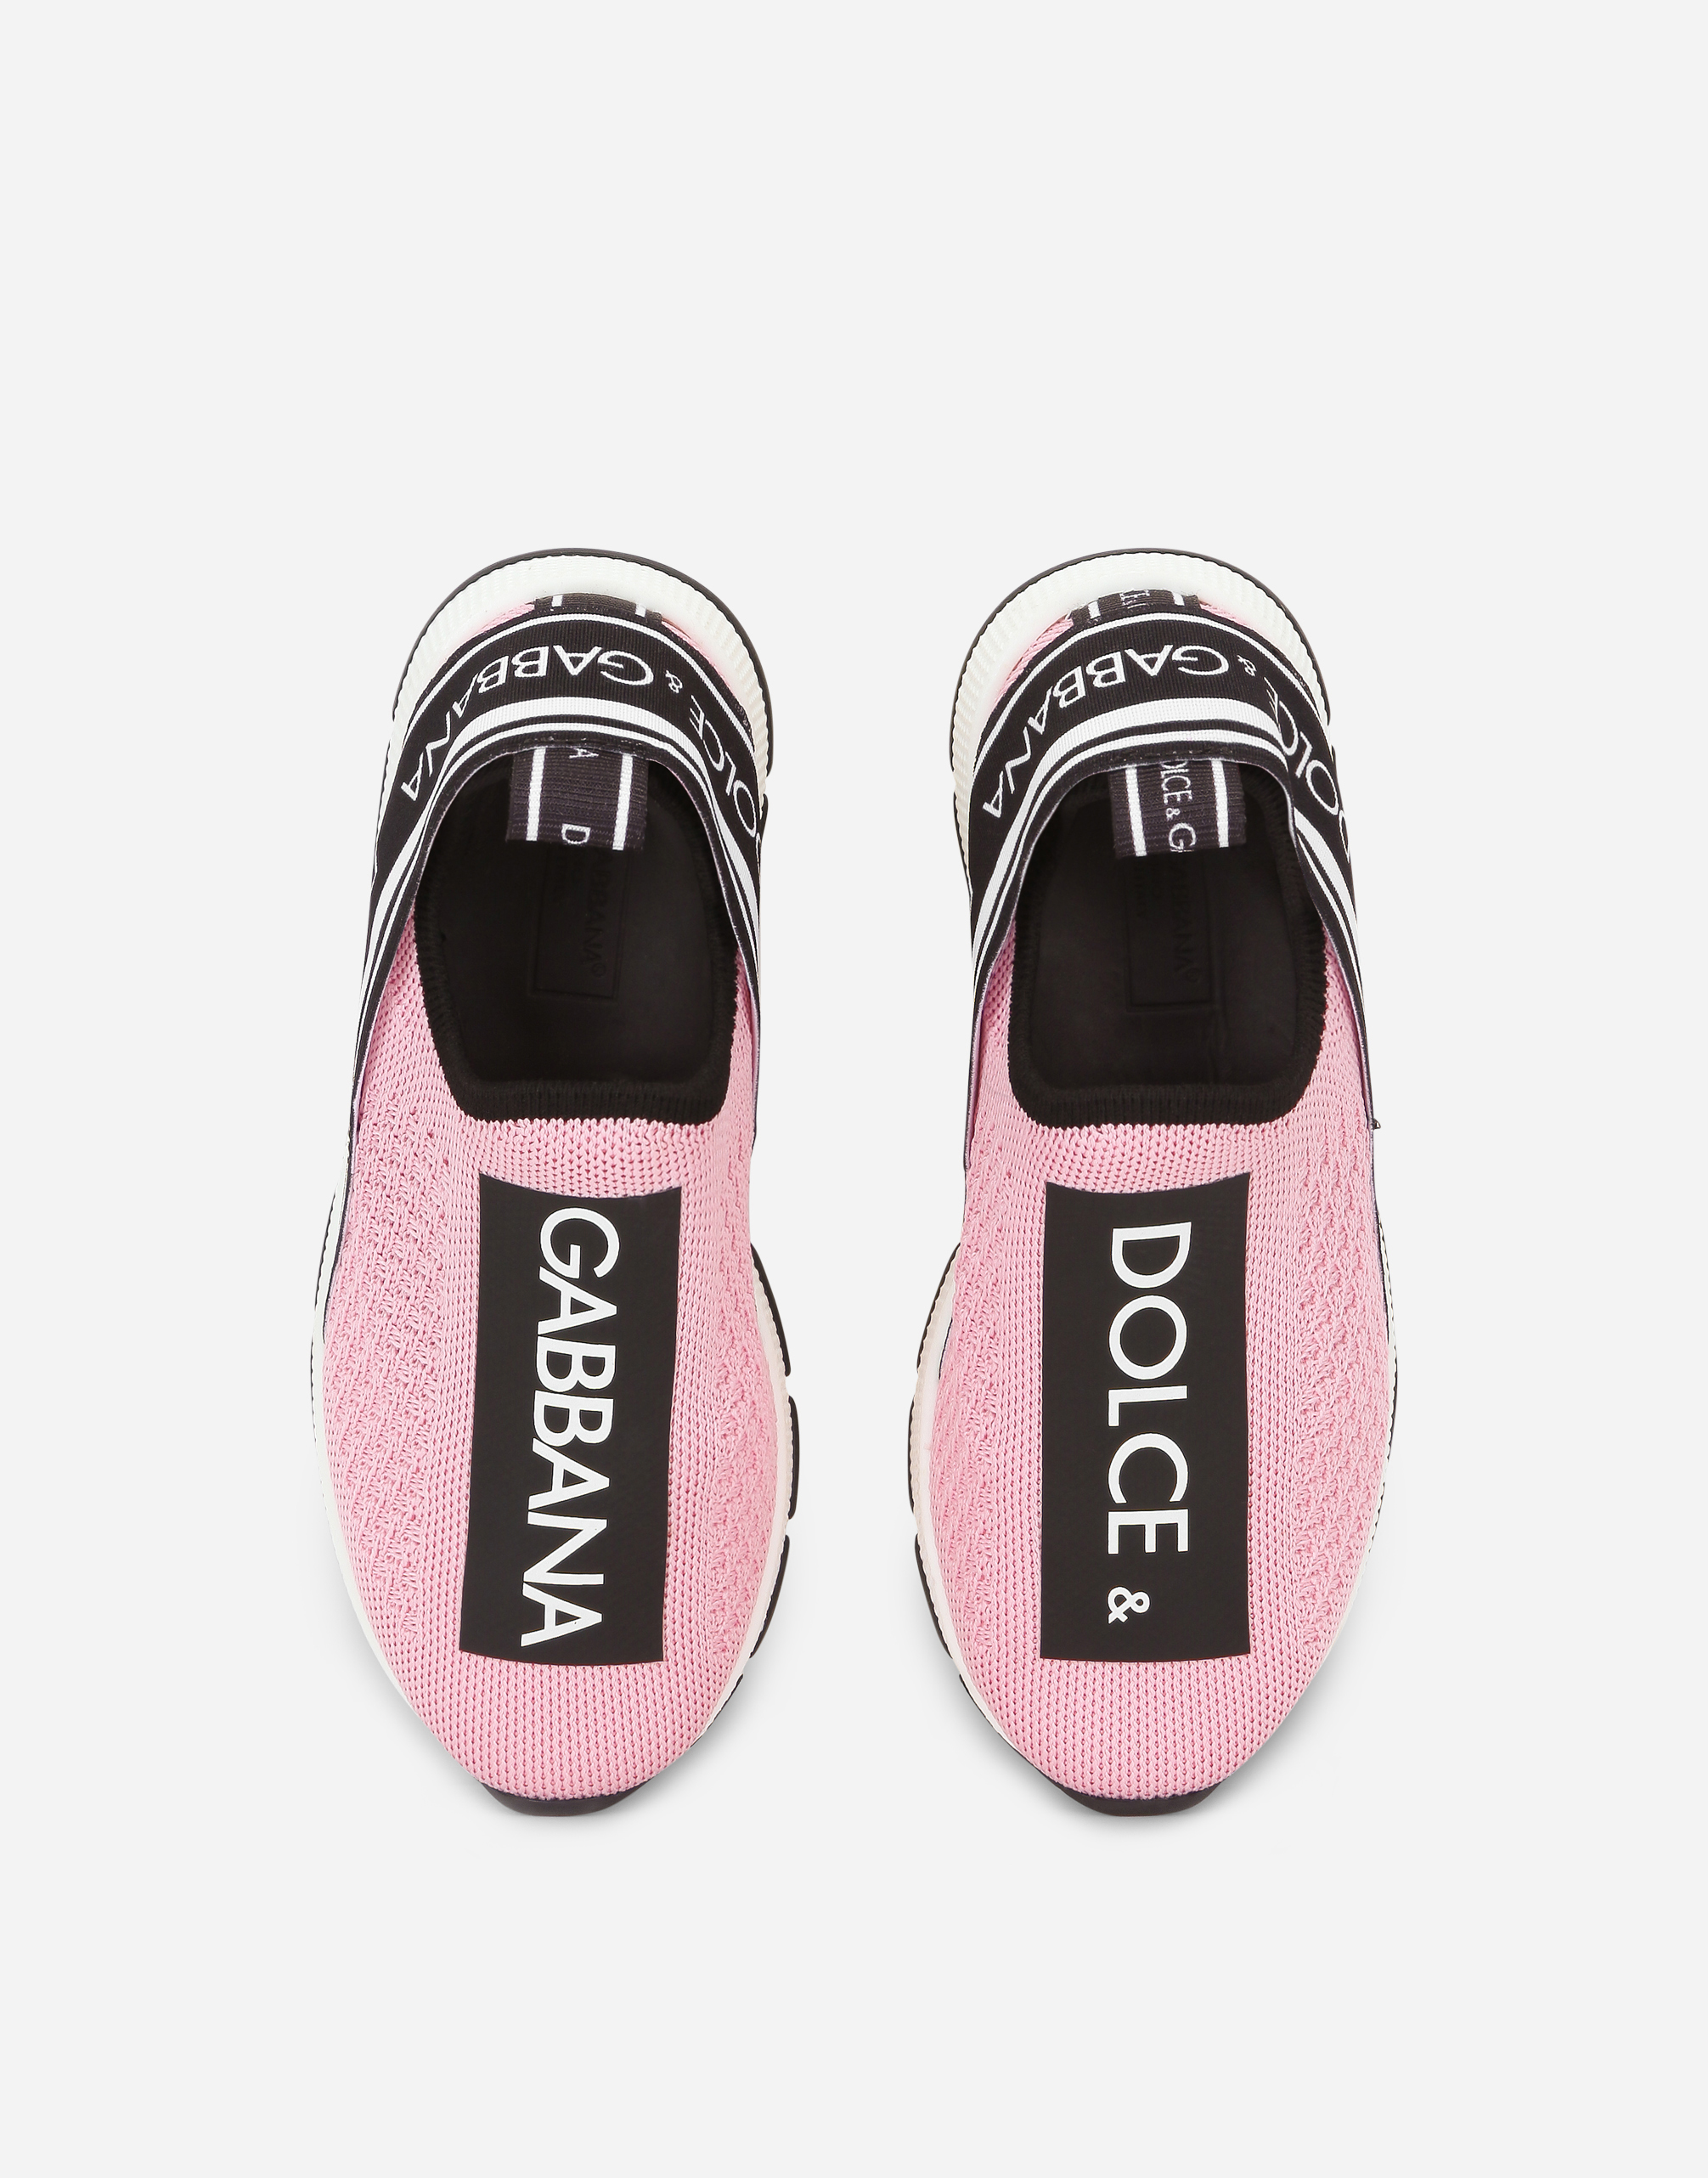 Dolce&Gabbana SORRENTO SLIP-ON LOGO SNEAKERS